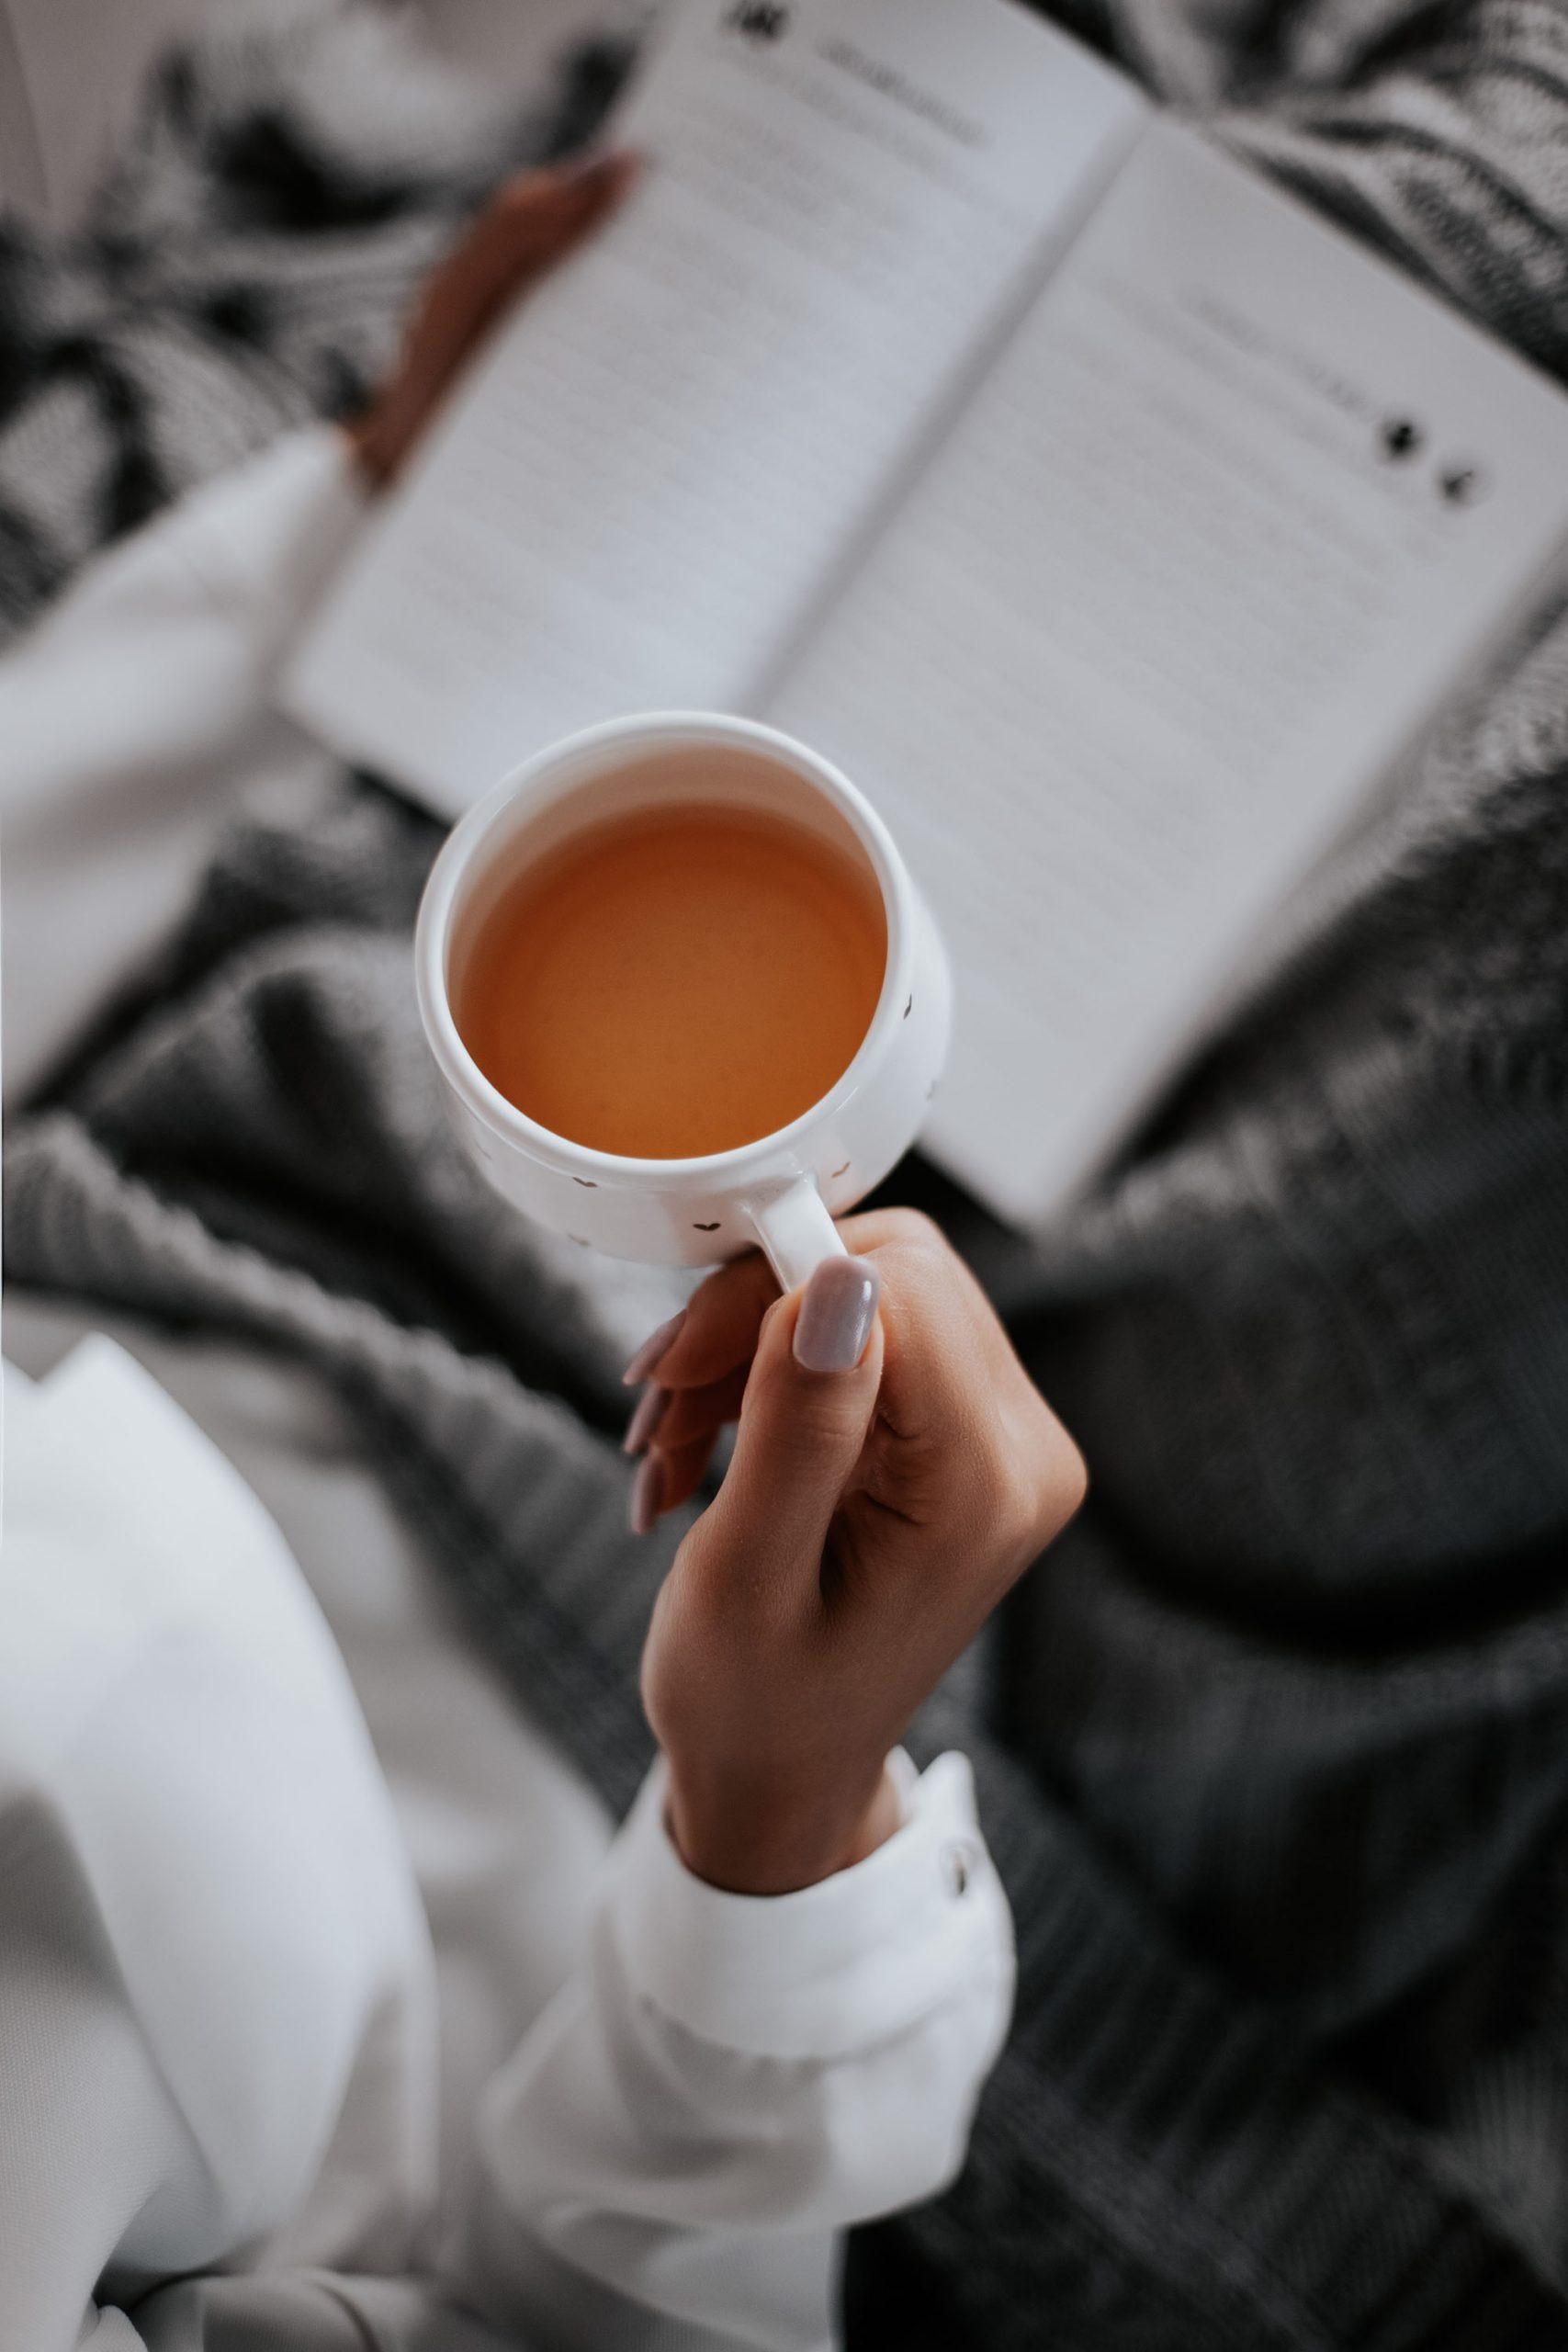 Không nên uống cà phê khi vừa thức dậy vào buổi sáng